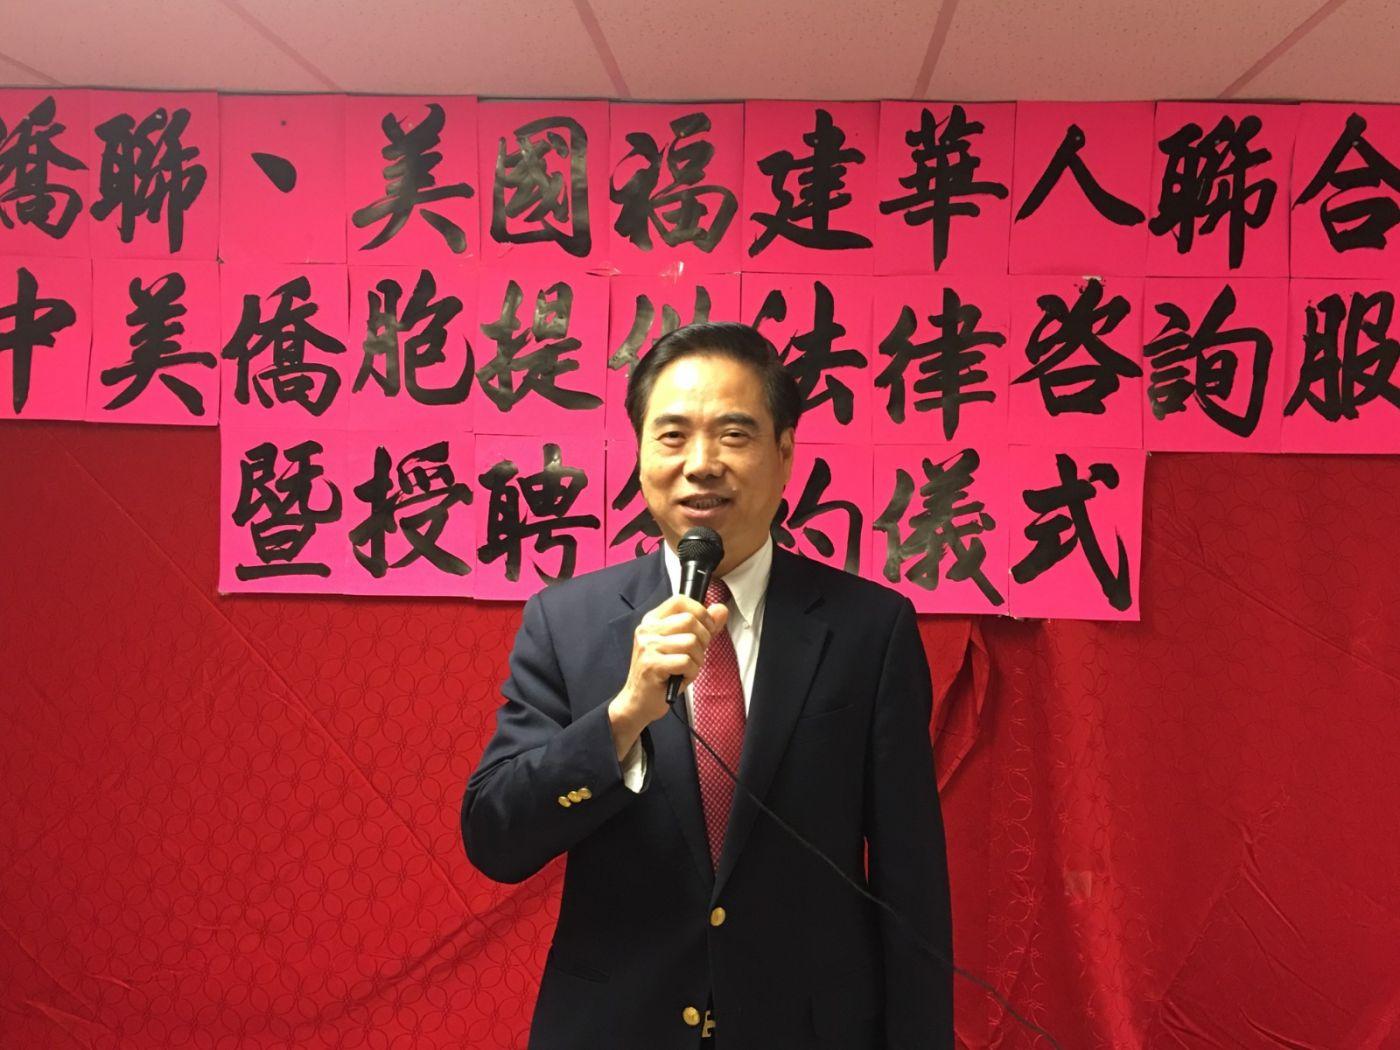 美国福建华人联合会欢迎福州市侨联主席蓝桂兰访美代表团一行 ... ..._图1-10